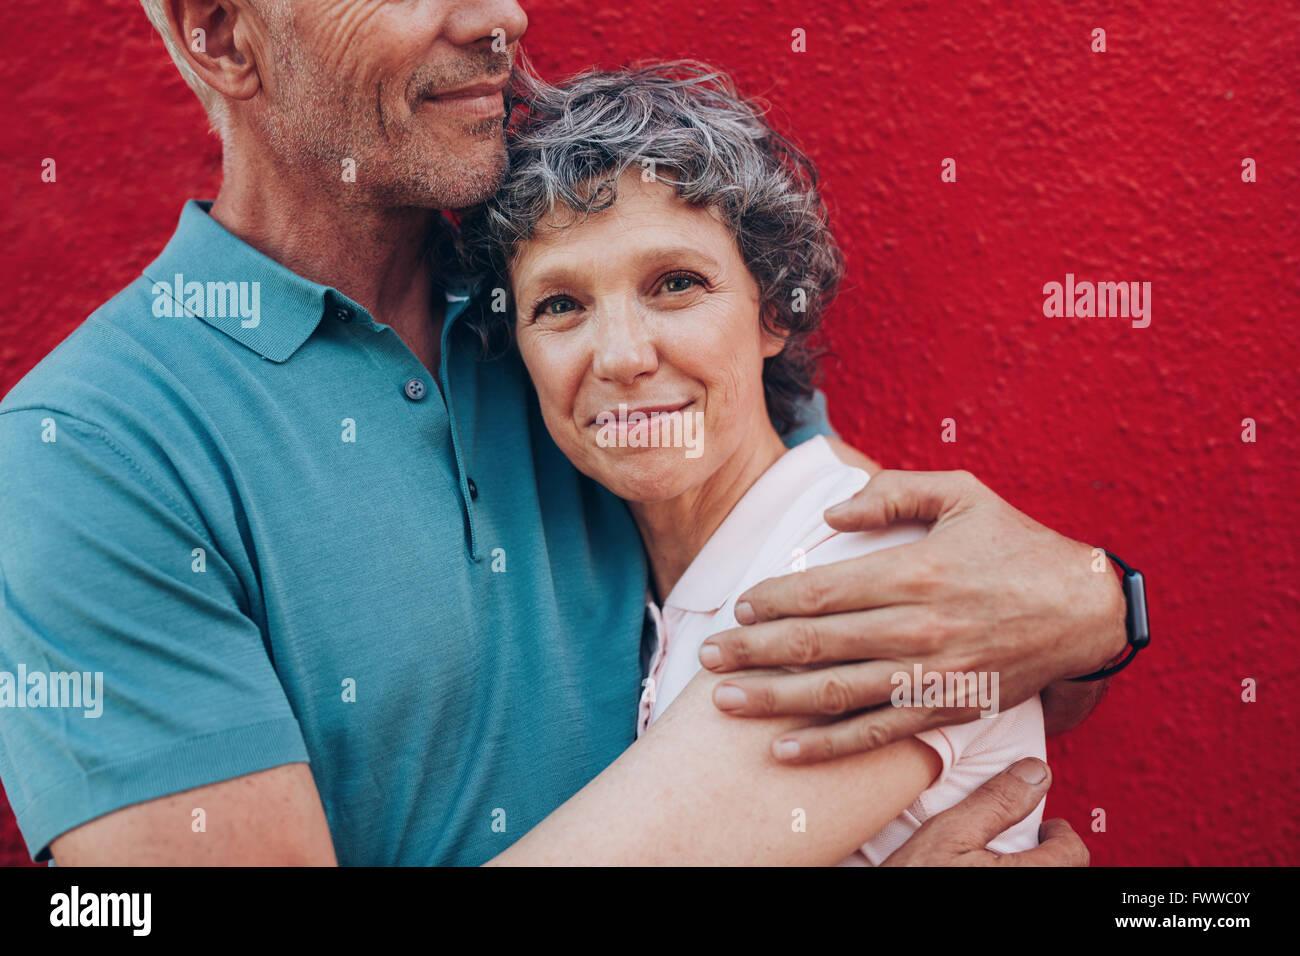 Porträt von glücklich Reife Frau umarmte ihren Mann vor rotem Hintergrund. Liebevolle paar zusammen vor Stockbild